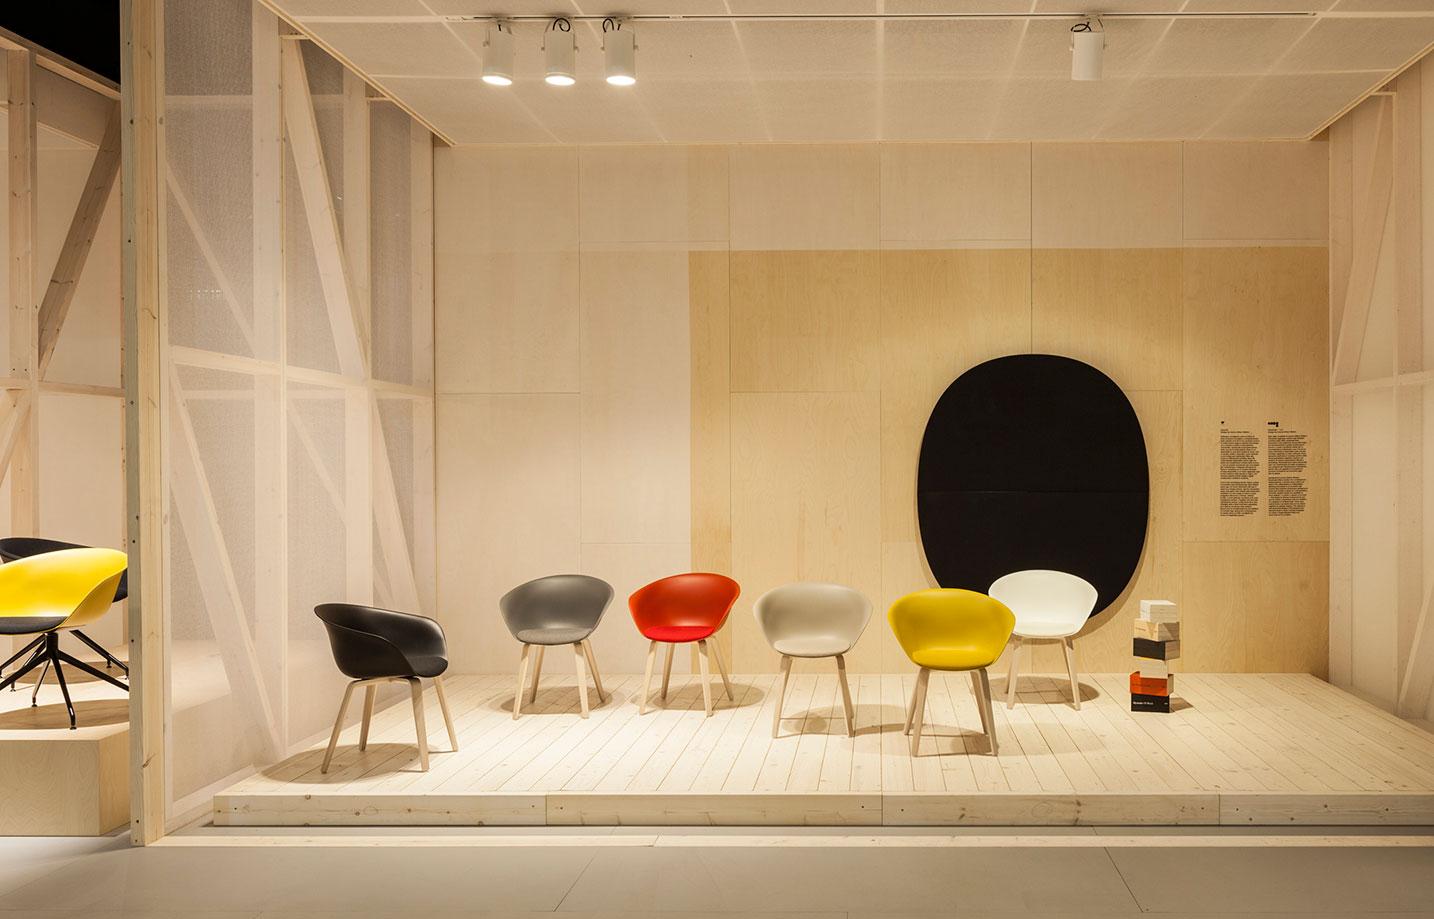 Excellent Lievore Altherr Desile Park Projects For Arper 15 Machost Co Dining Chair Design Ideas Machostcouk